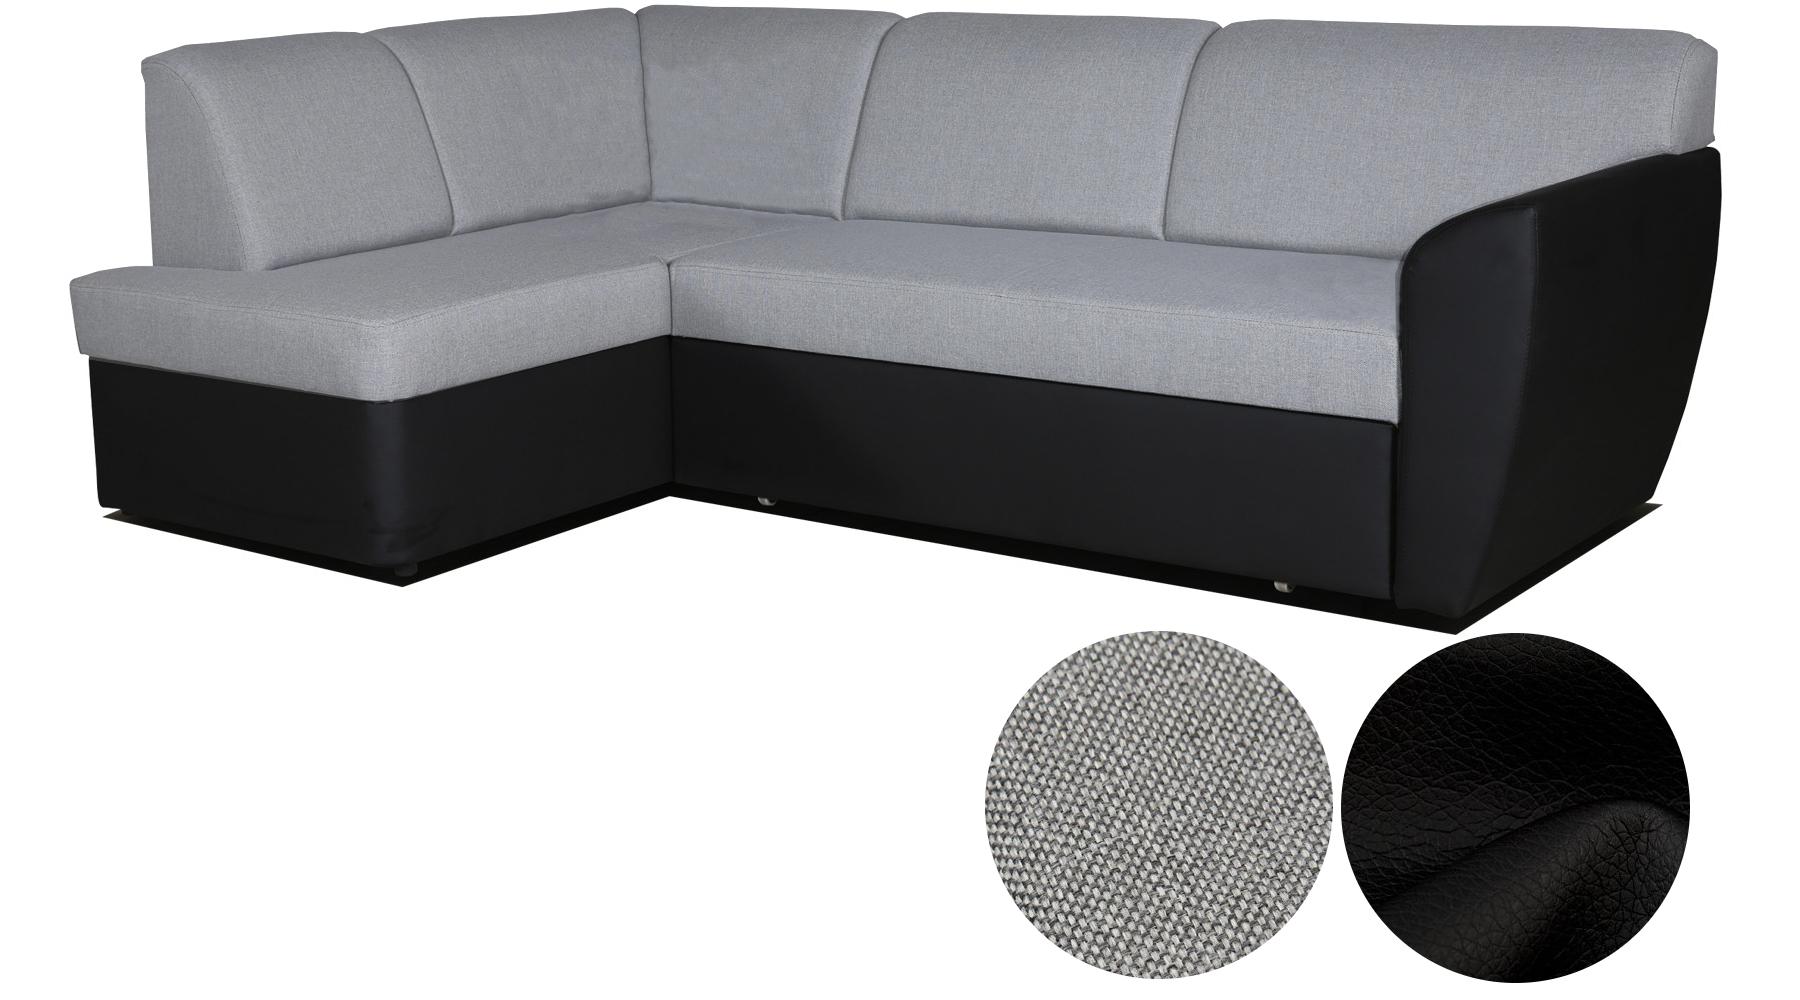 ecksofa sofa eckcouch couch wohnlandschaft polsterecke l form grau wei margo ebay. Black Bedroom Furniture Sets. Home Design Ideas